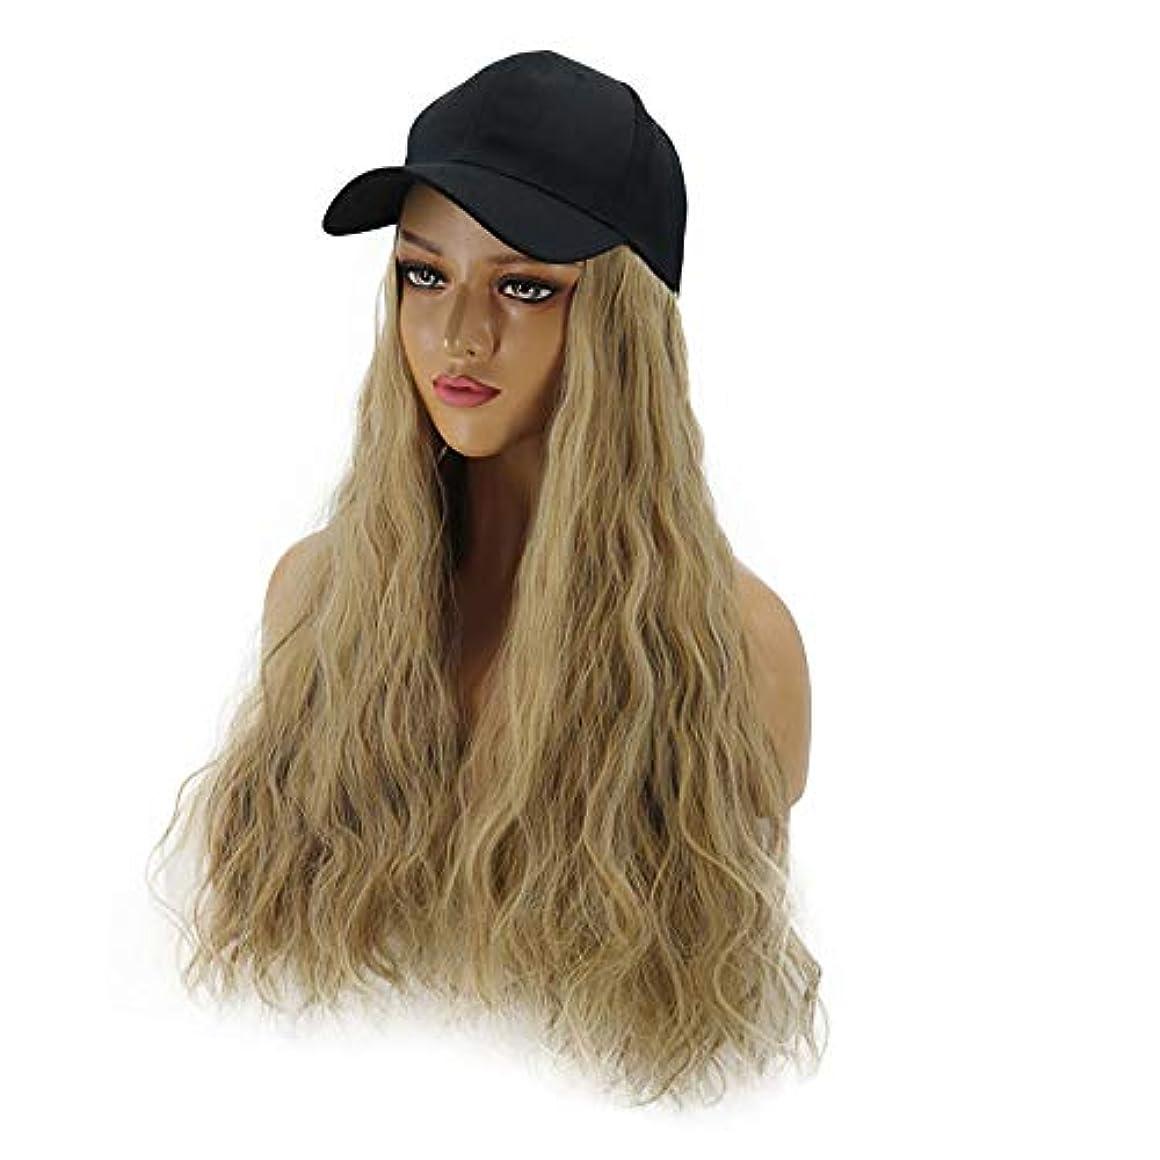 うるさいダイバー航海のHAILAN HOME-かつら ファッション女性ウィッグハットワンピース帽子ウィッグコーン型パーマミックスアンバー/ブラウン簡単ワンピース取り外し可能